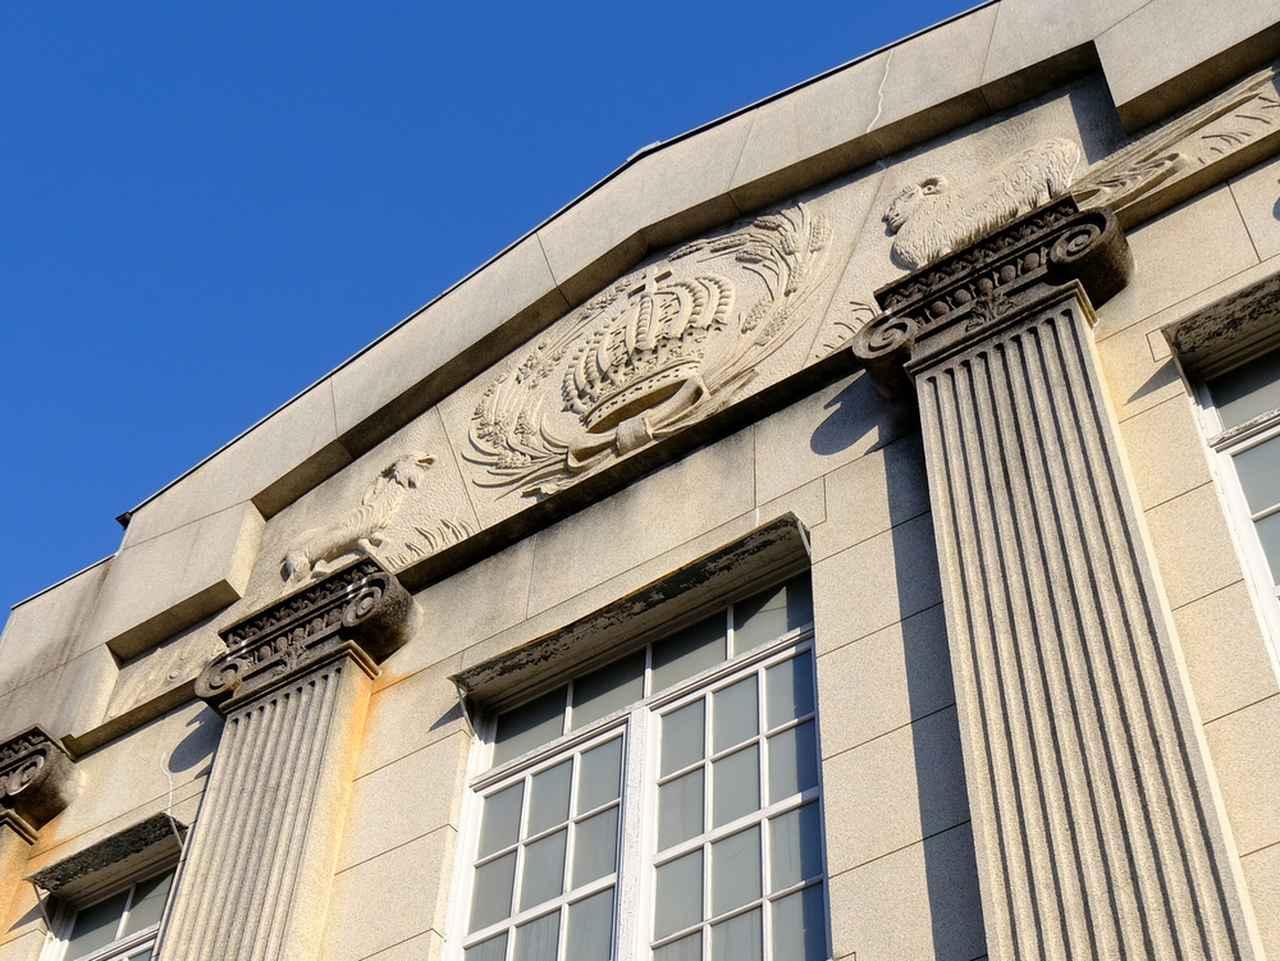 画像: イオニア式の石柱や、聖書のモチーフである王冠などが描かれた外観。